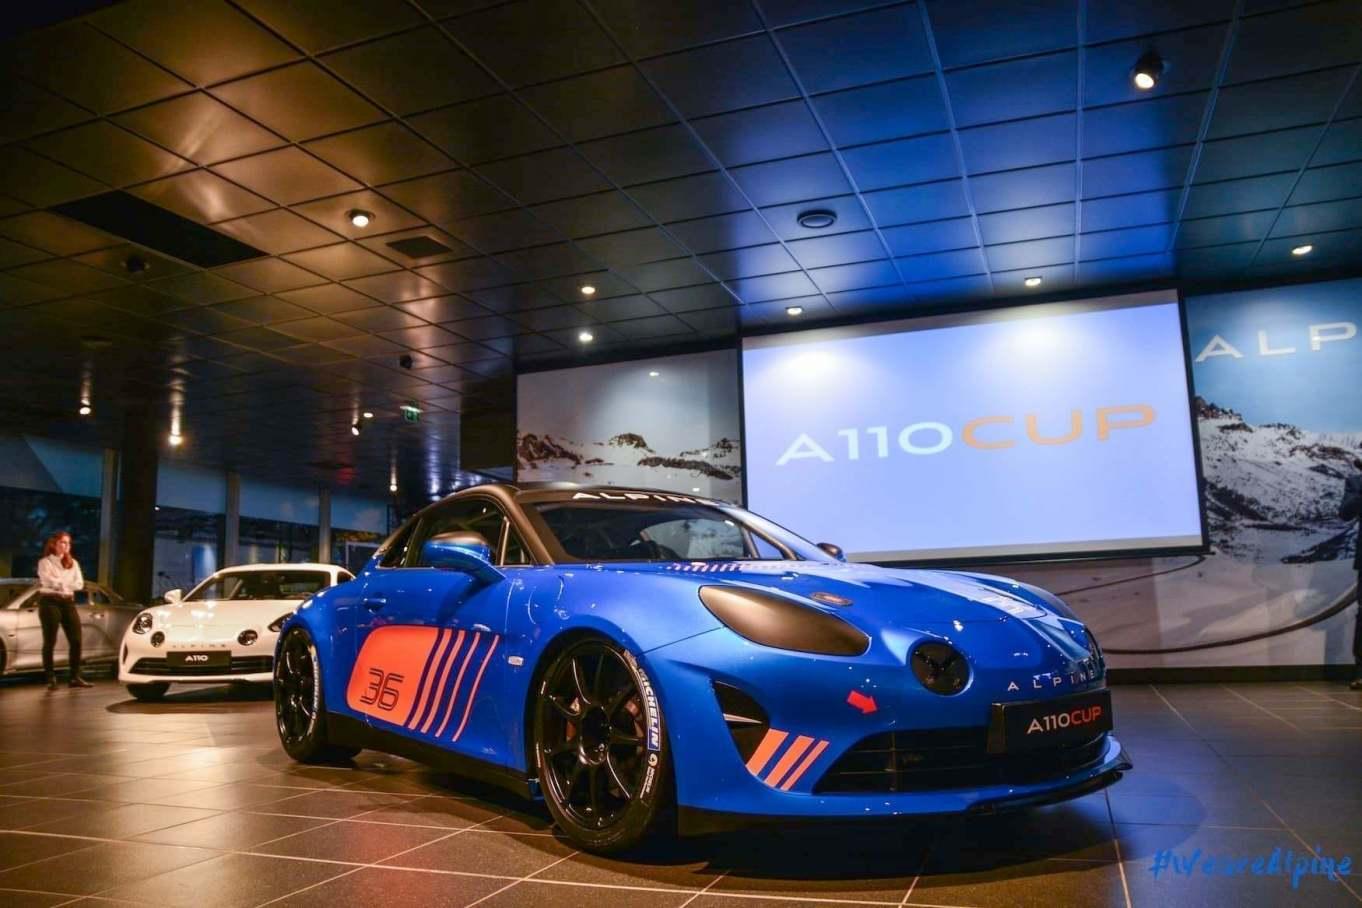 Alpine A110 Cup Signatech Studio Boulogne Billancourt GPE Auto 12 - L'Alpine A110 Cup en détail sous l'oeil de GPE Auto !